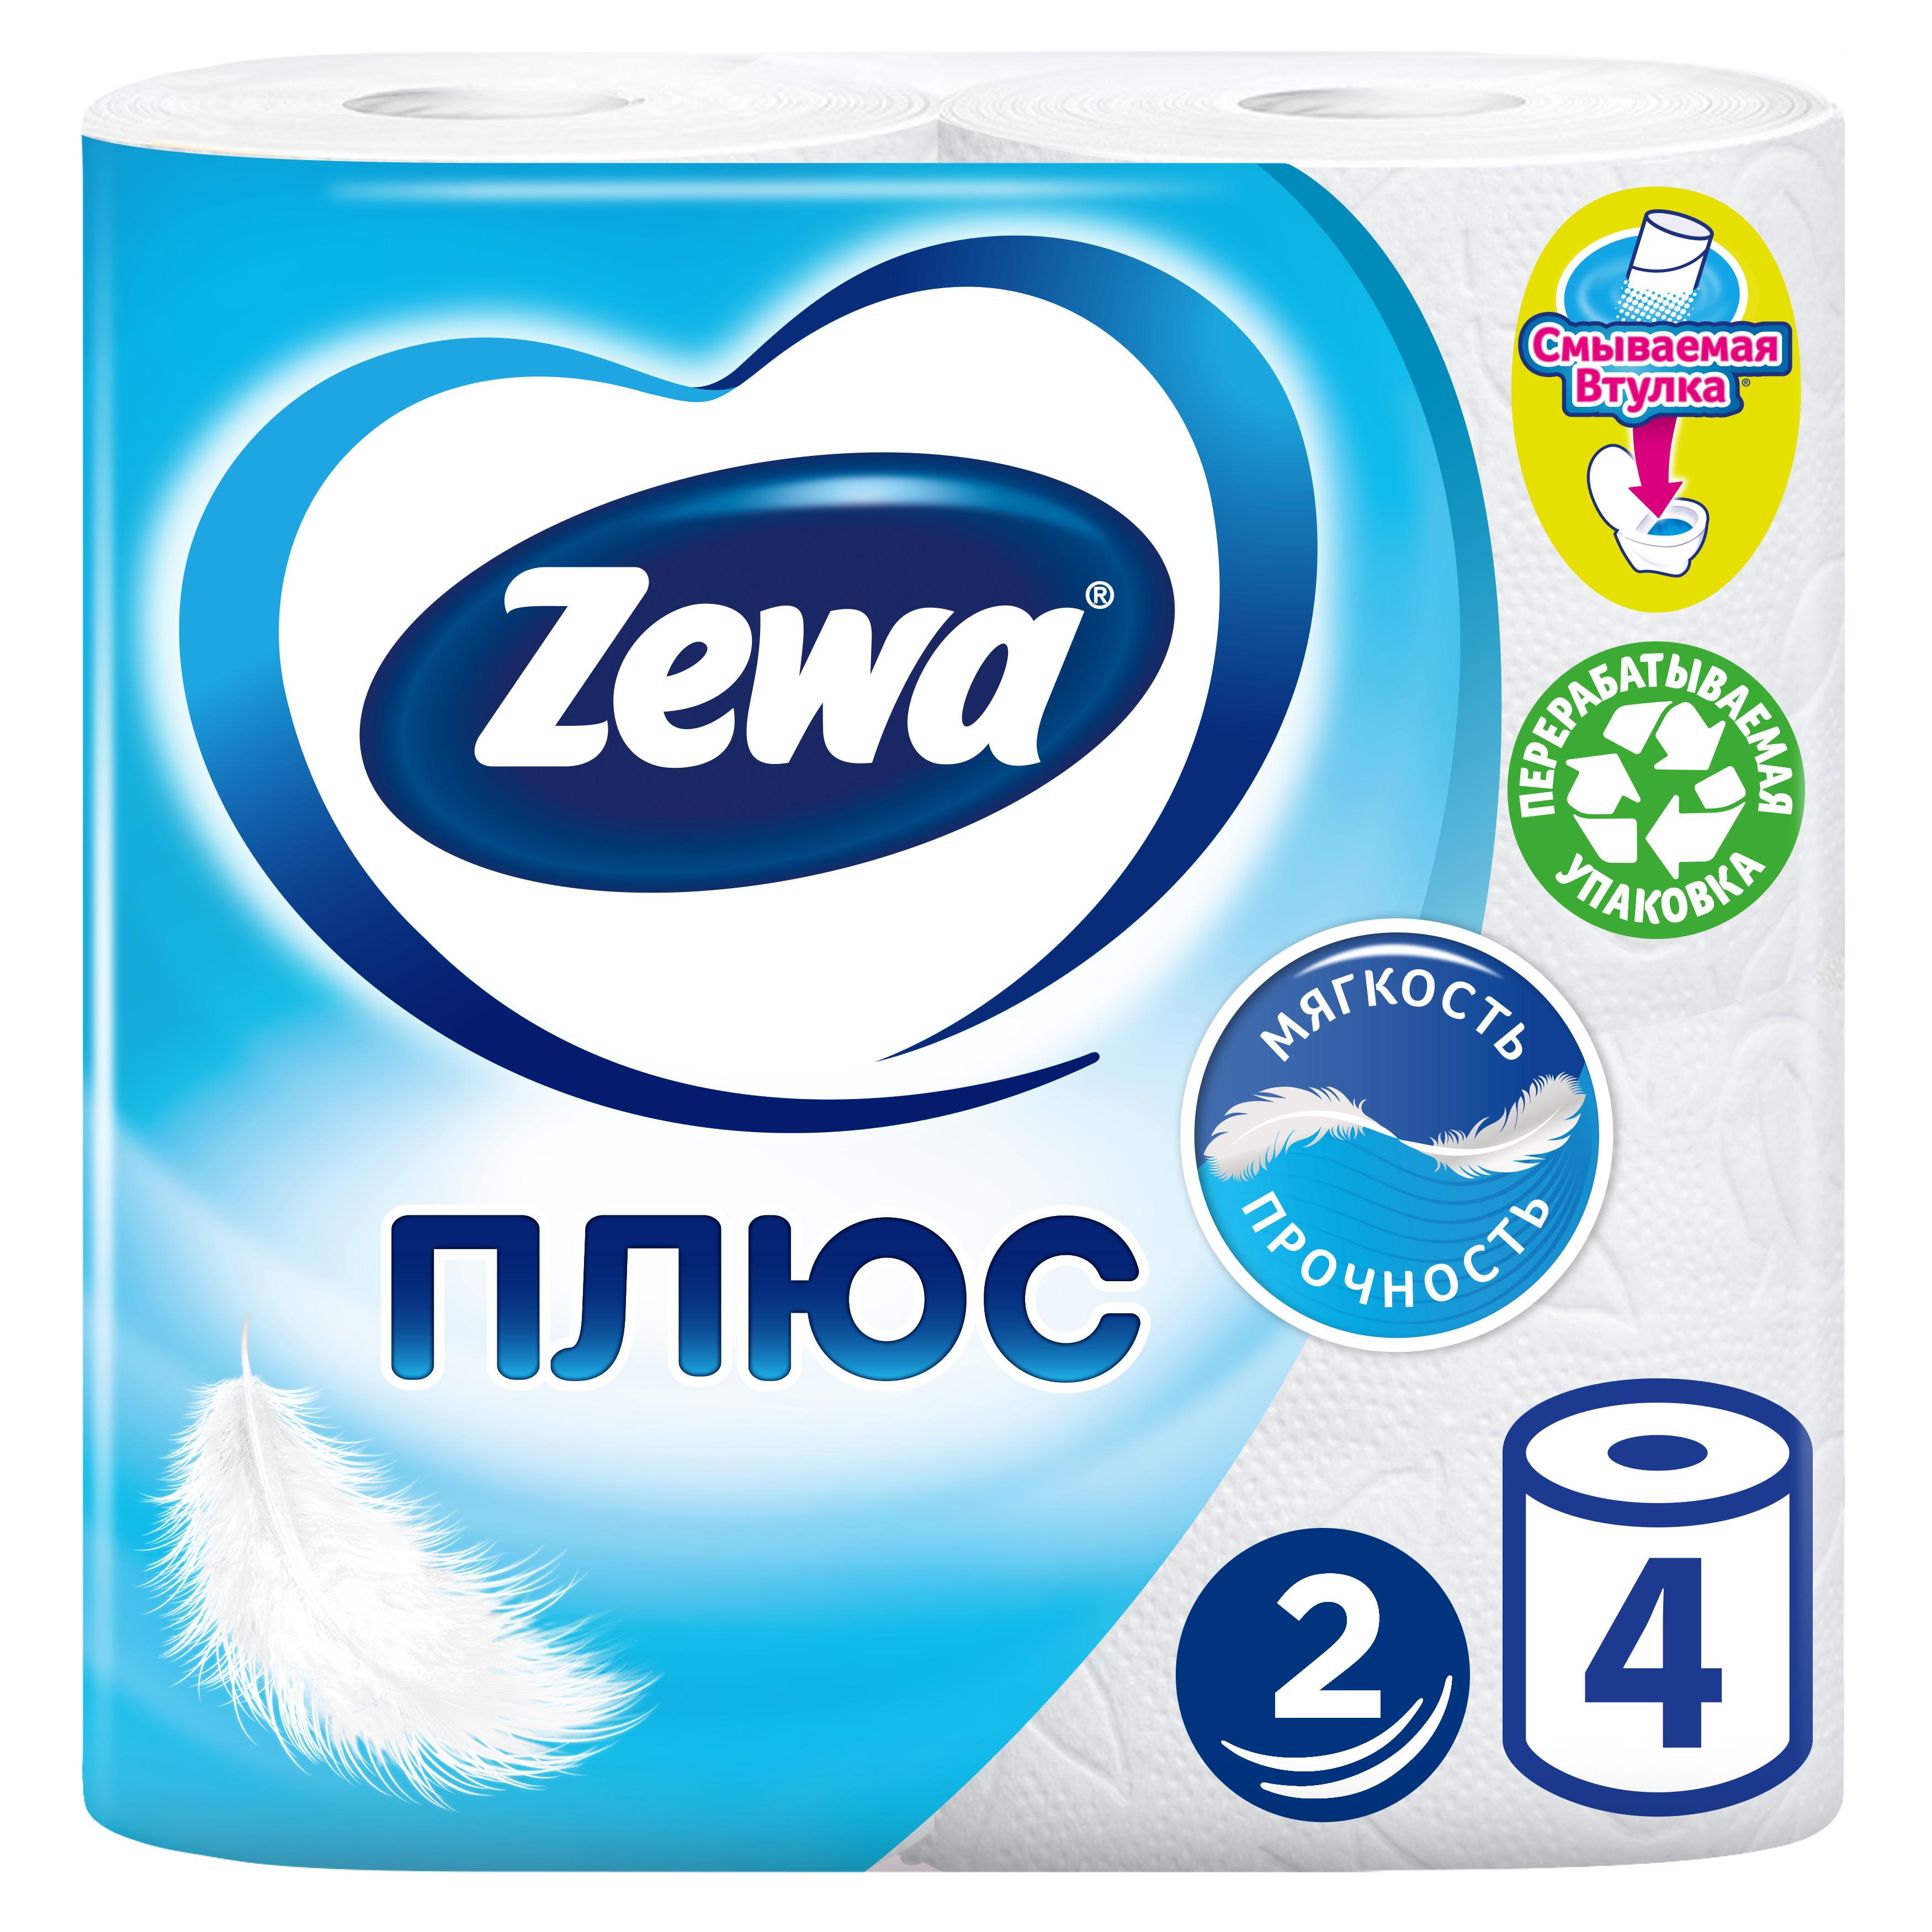 Купить Туалетная бумага Zewa Плюс Белая, 2 слоя, 4 рулона, туалетная бумага 144051